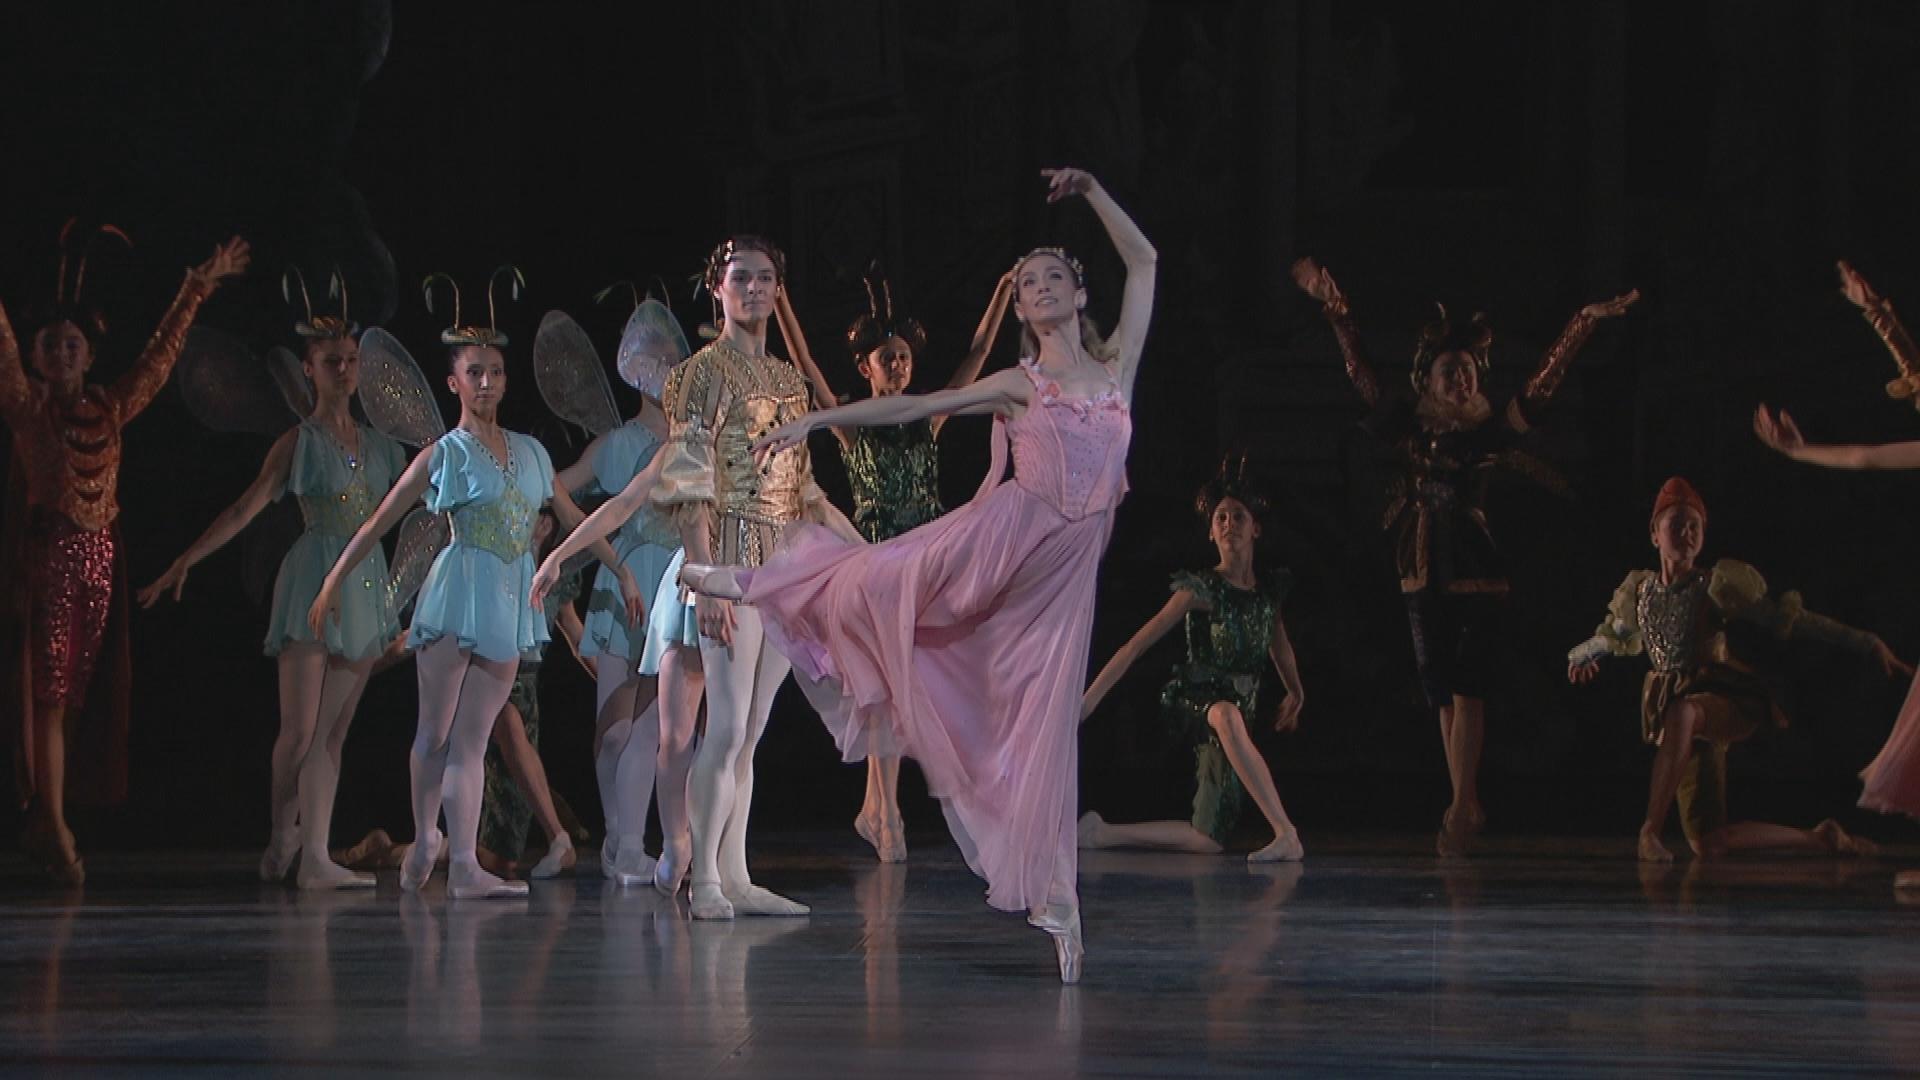 パリ・オペラ座バレエ「夏の夜の夢」妖精の女王・ティターニアのエレオノーラ・アバニャートと、妖精の王・オベロンのユーゴ・マルシャン